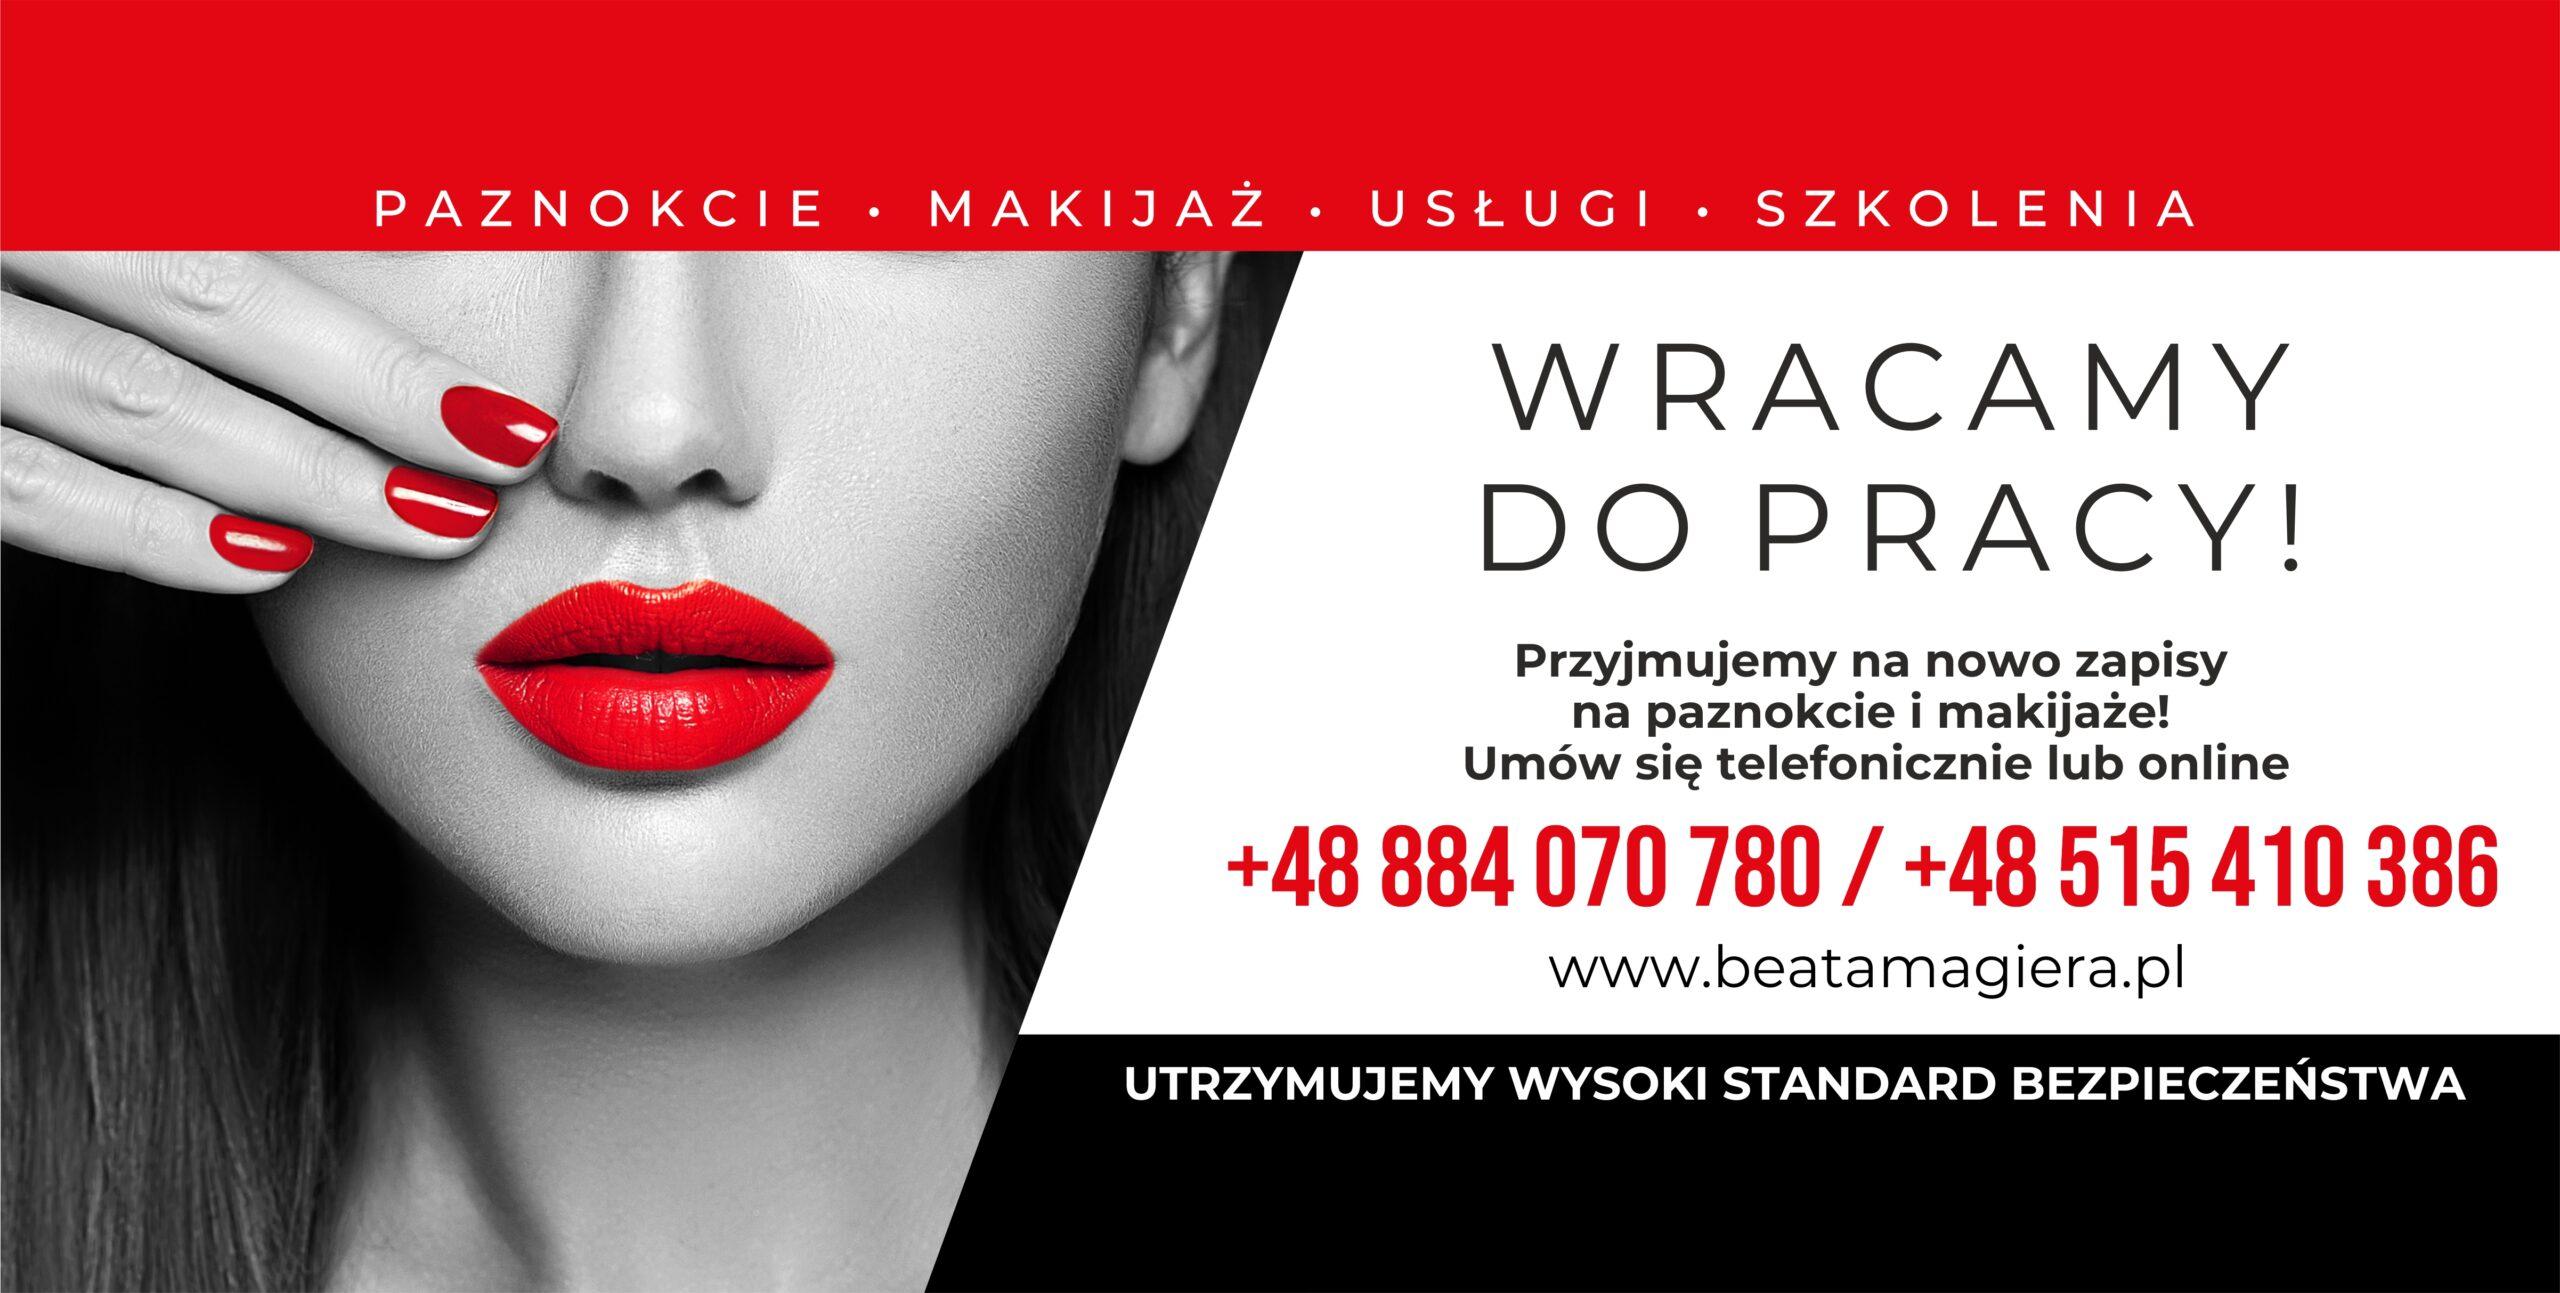 Beata Magiera wizaż, stylizacja, edukacja,